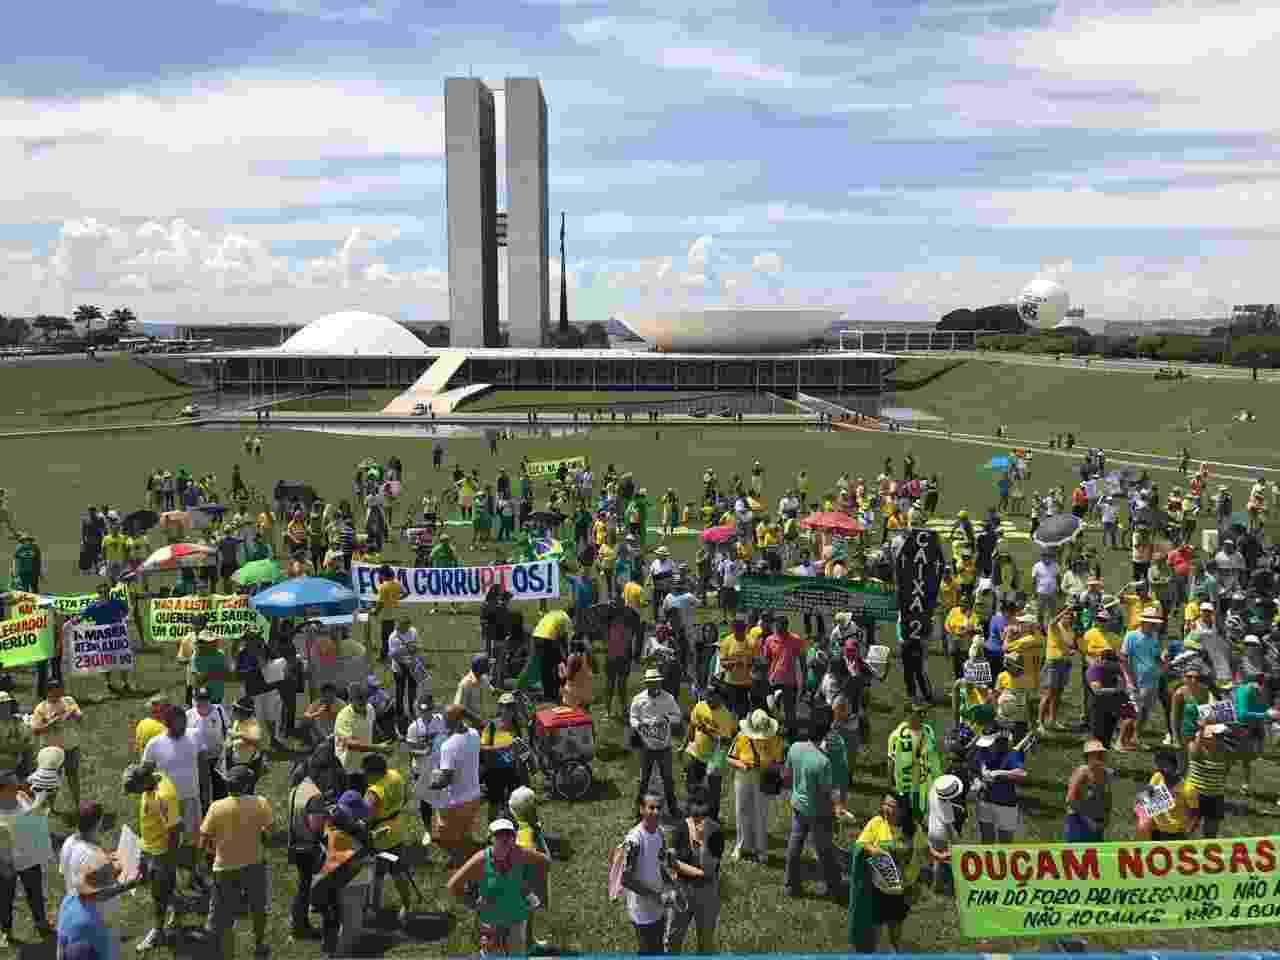 26.mar.2017 - Manifestantes a favor da Operação Lava Jato ocuparam a Esplanada dos Ministérios, em Brasília - Jéssica Nascimento/ UOL